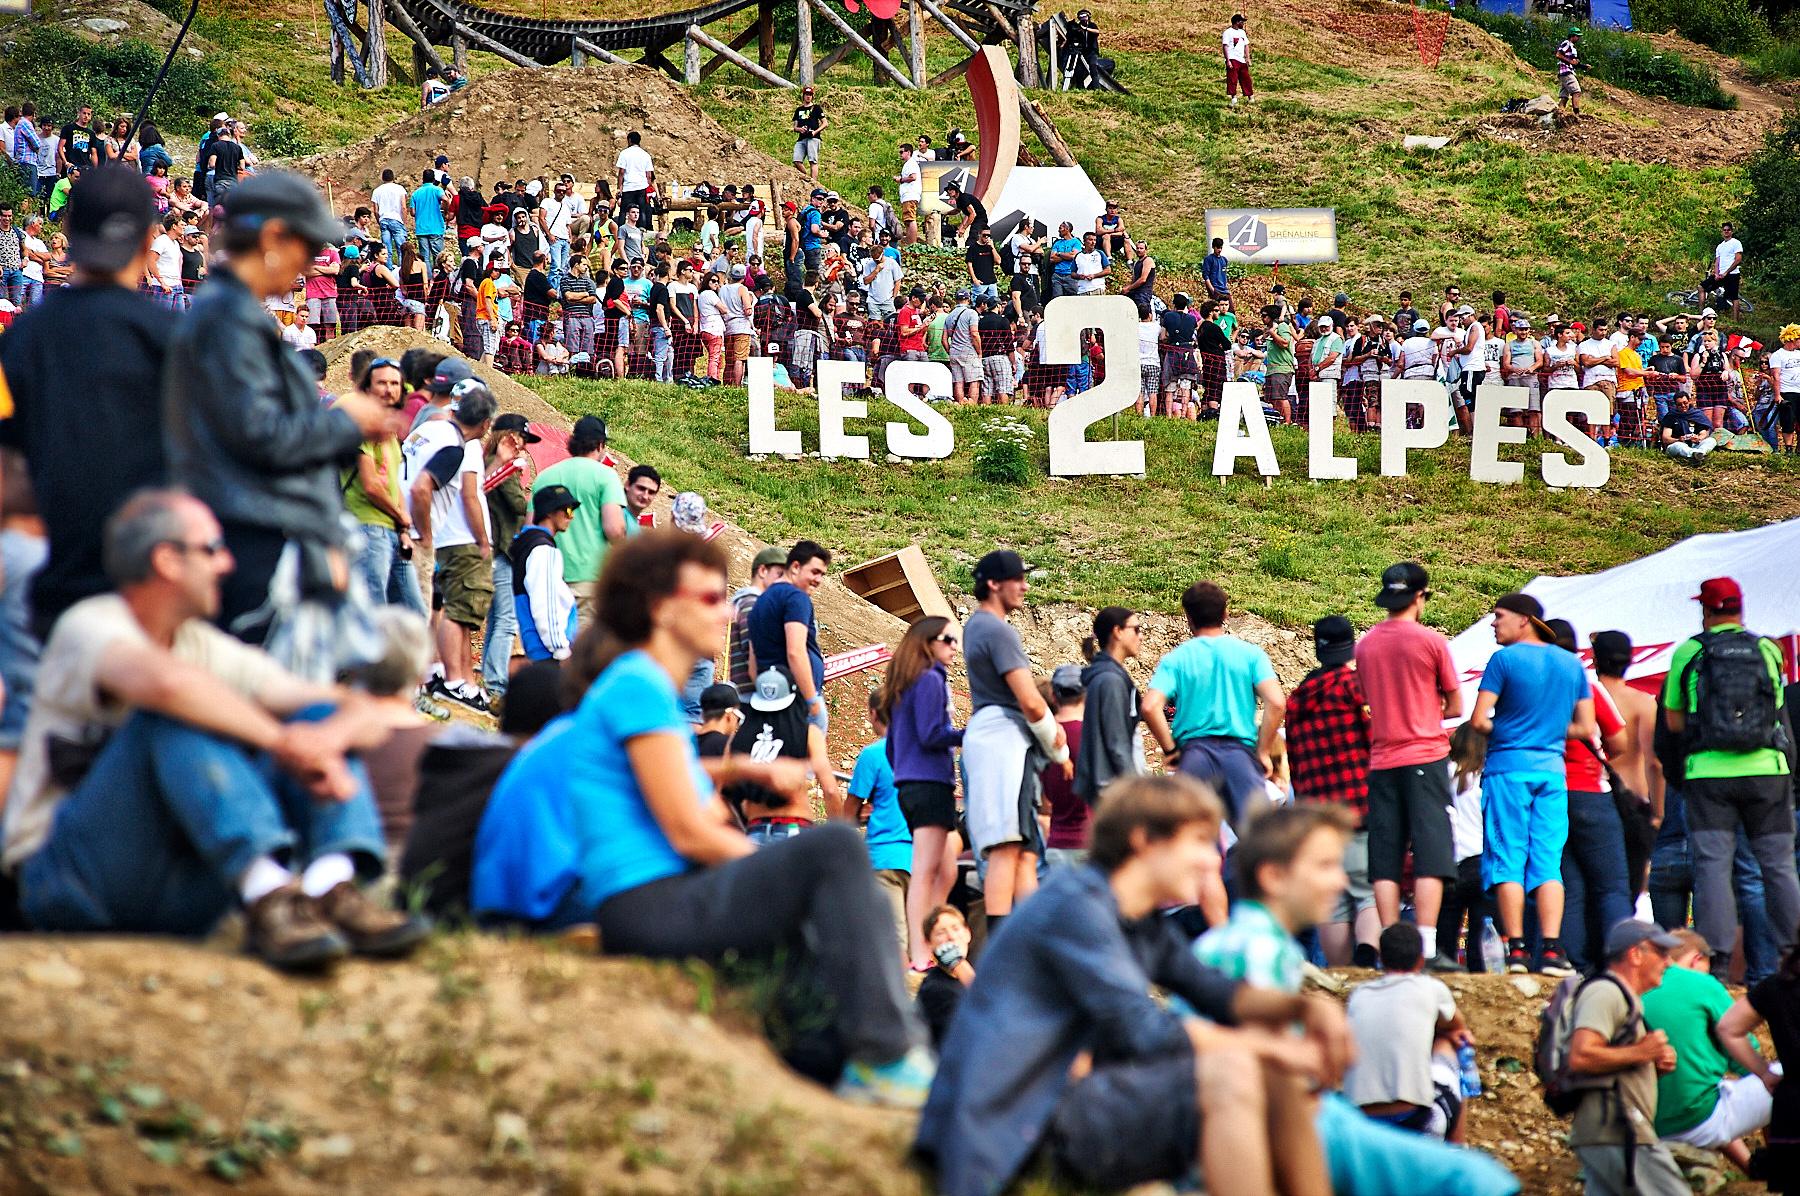 Die Fans beim Les2Alpes.